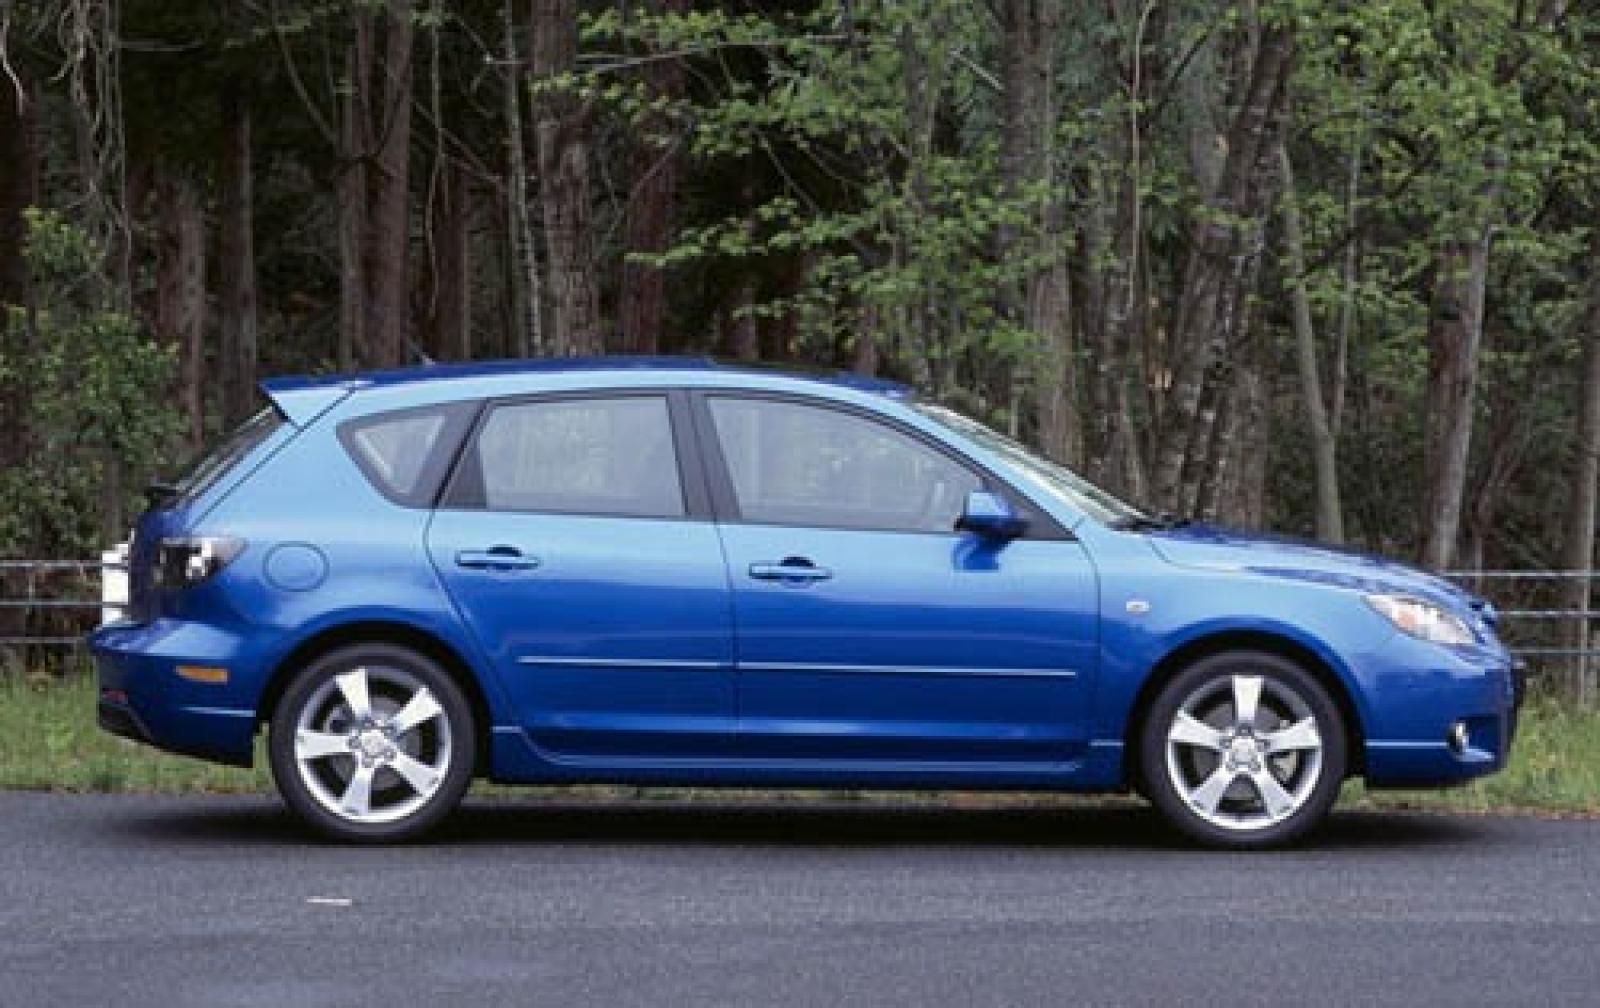 800 1024 1280 1600 Origin 2004 Mazda MAZDA3 ...